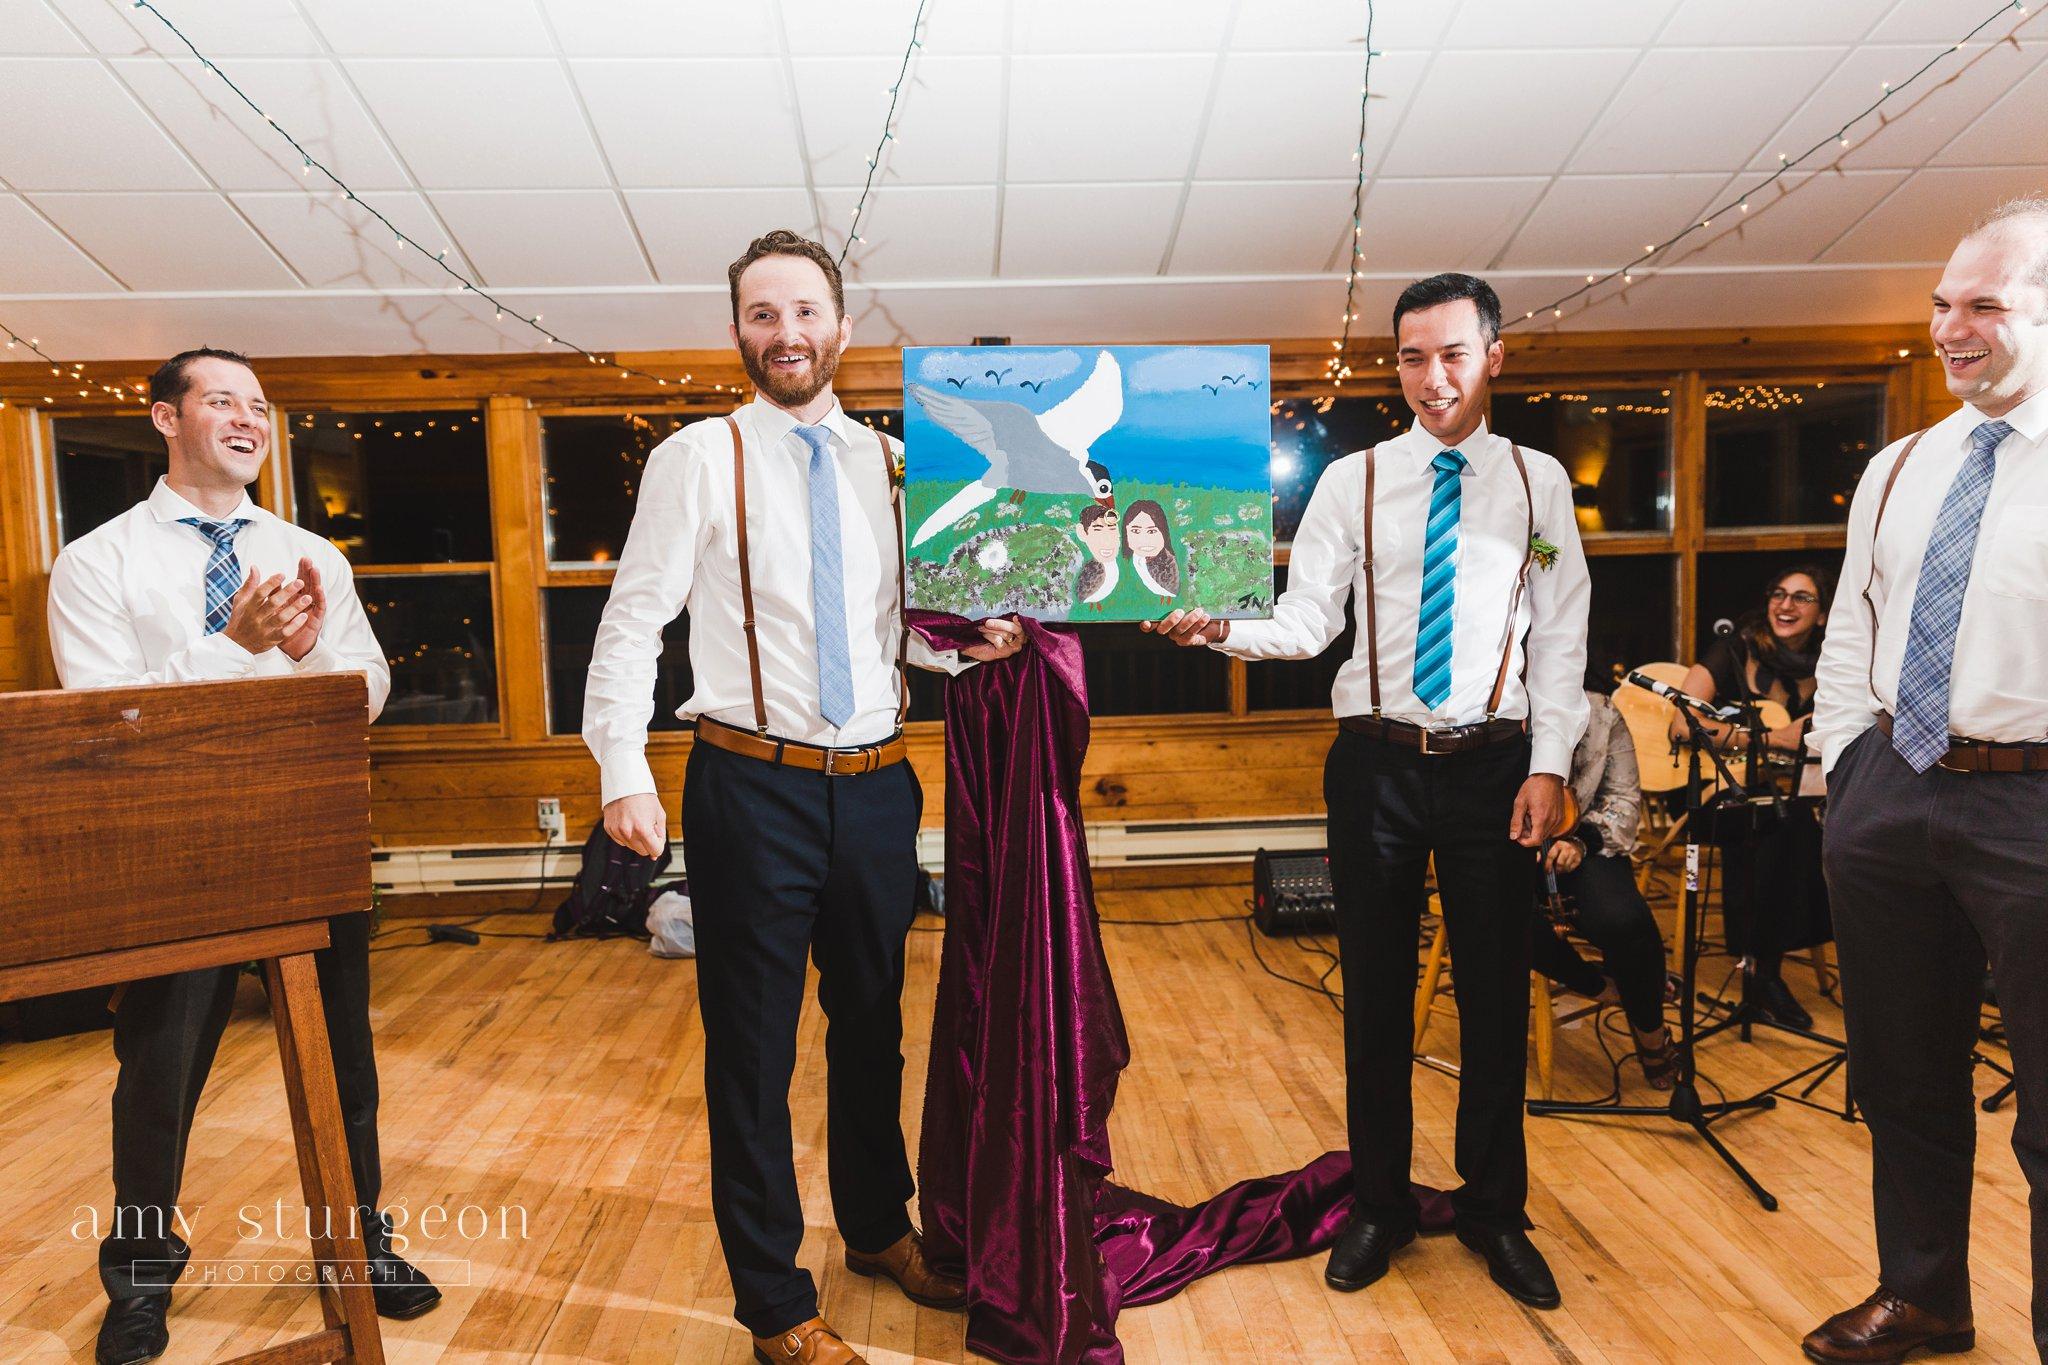 amy-sturgeon-photography_stonefields-wedding_ottawa_1342